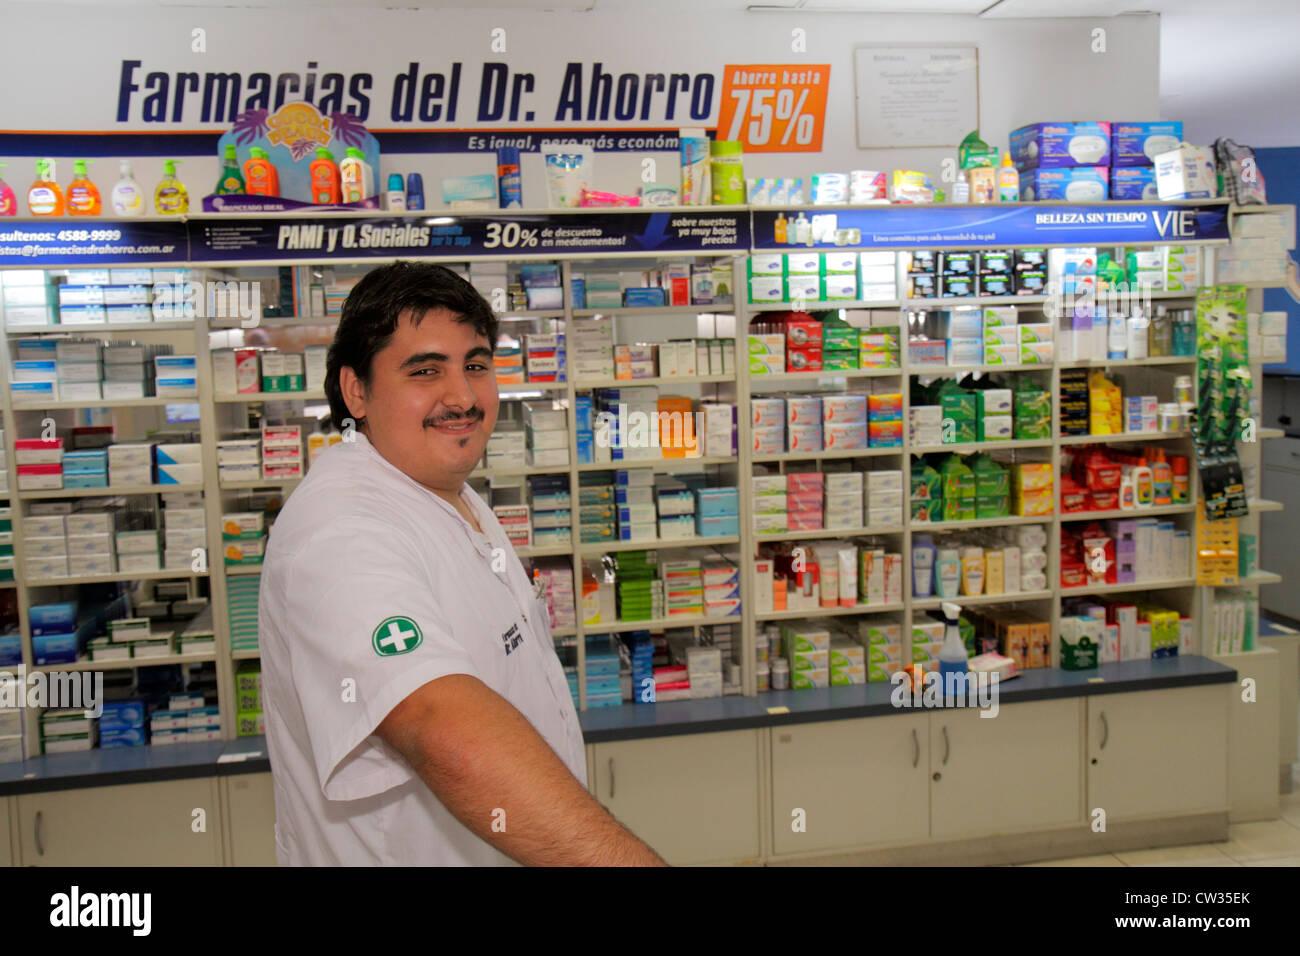 Argentinien, Buenos Aires, Avenida de Mayo, Farmacia del Dr. Ahorro, Rabatt Apotheke, Drogerie, Medikamente, Medizin, Stockfoto